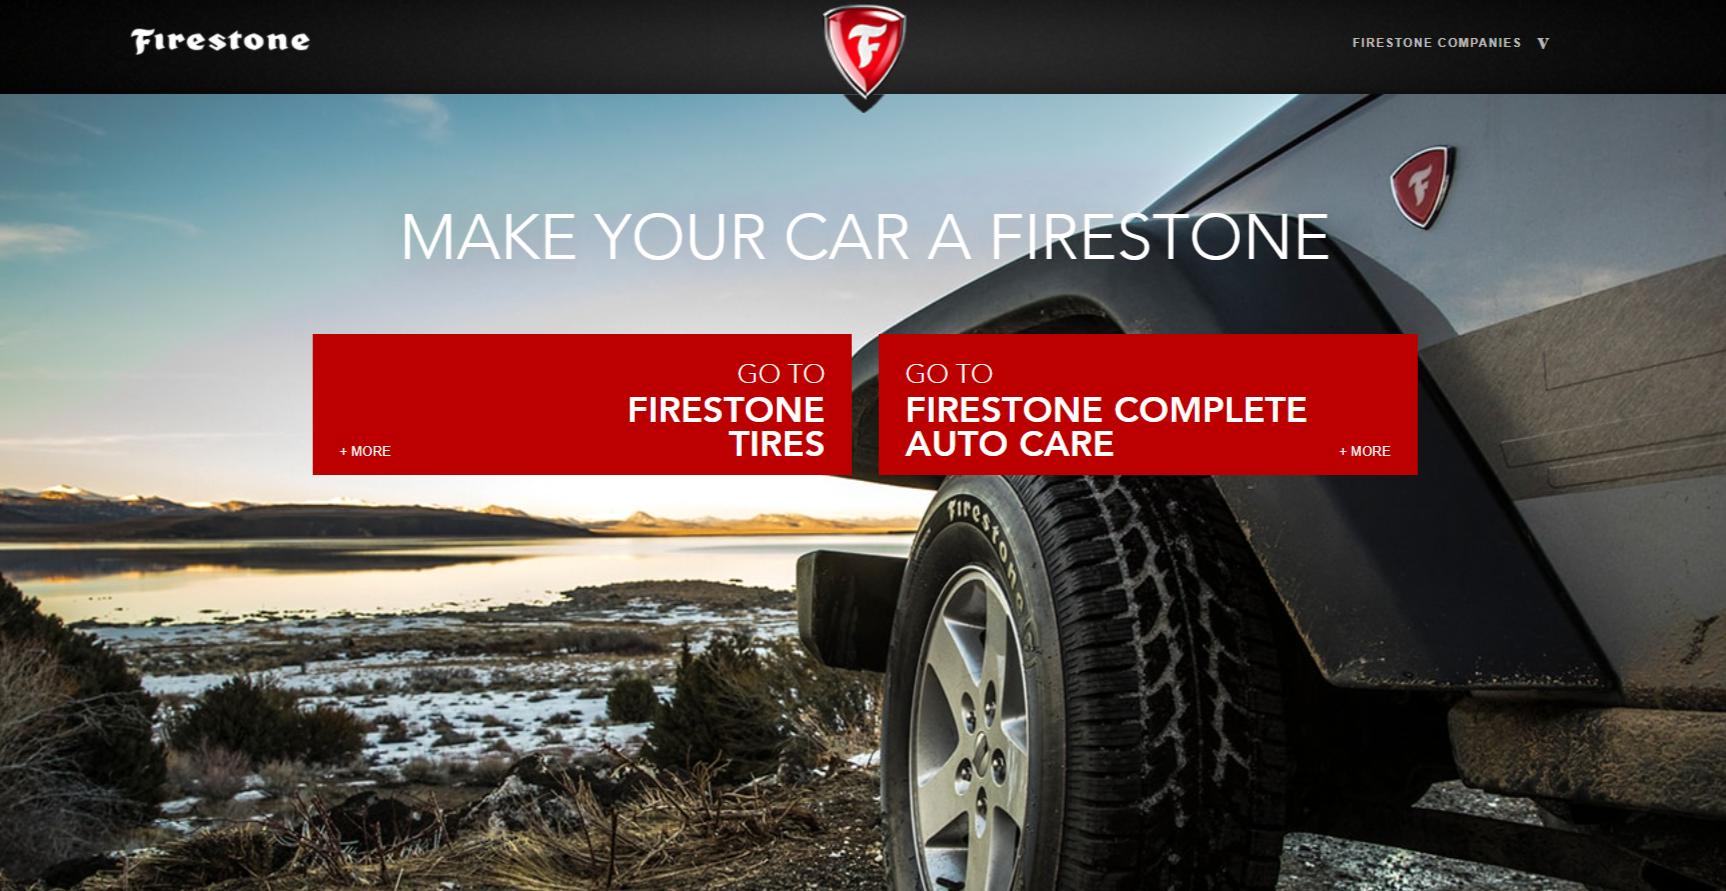 Firestone service survey